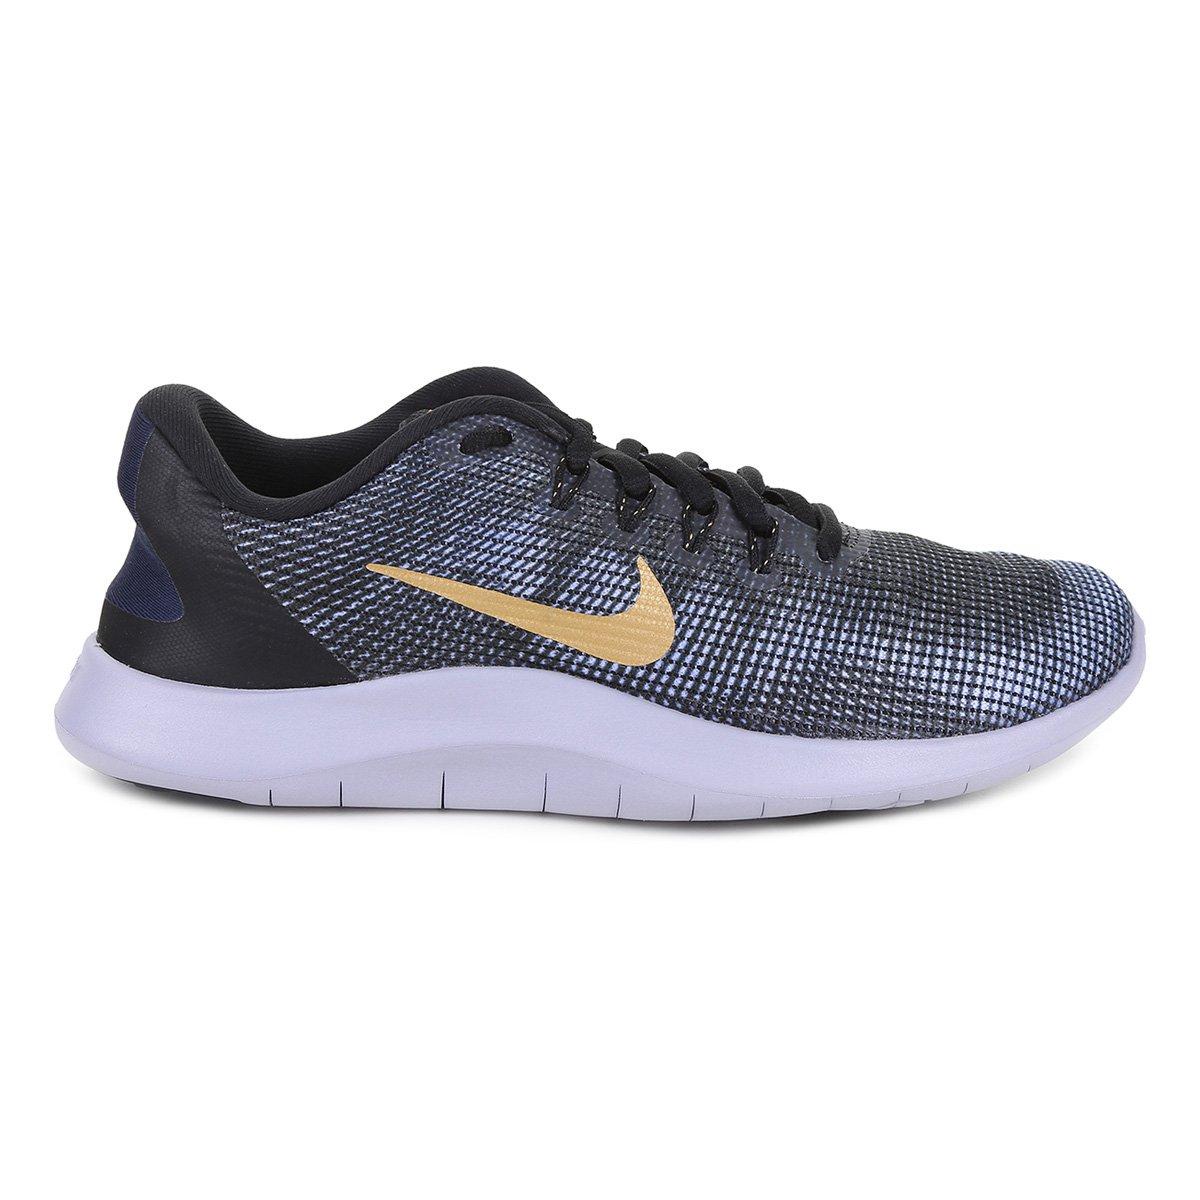 Tênis Nike Wmns Flex 2018 Rn Feminino - 3